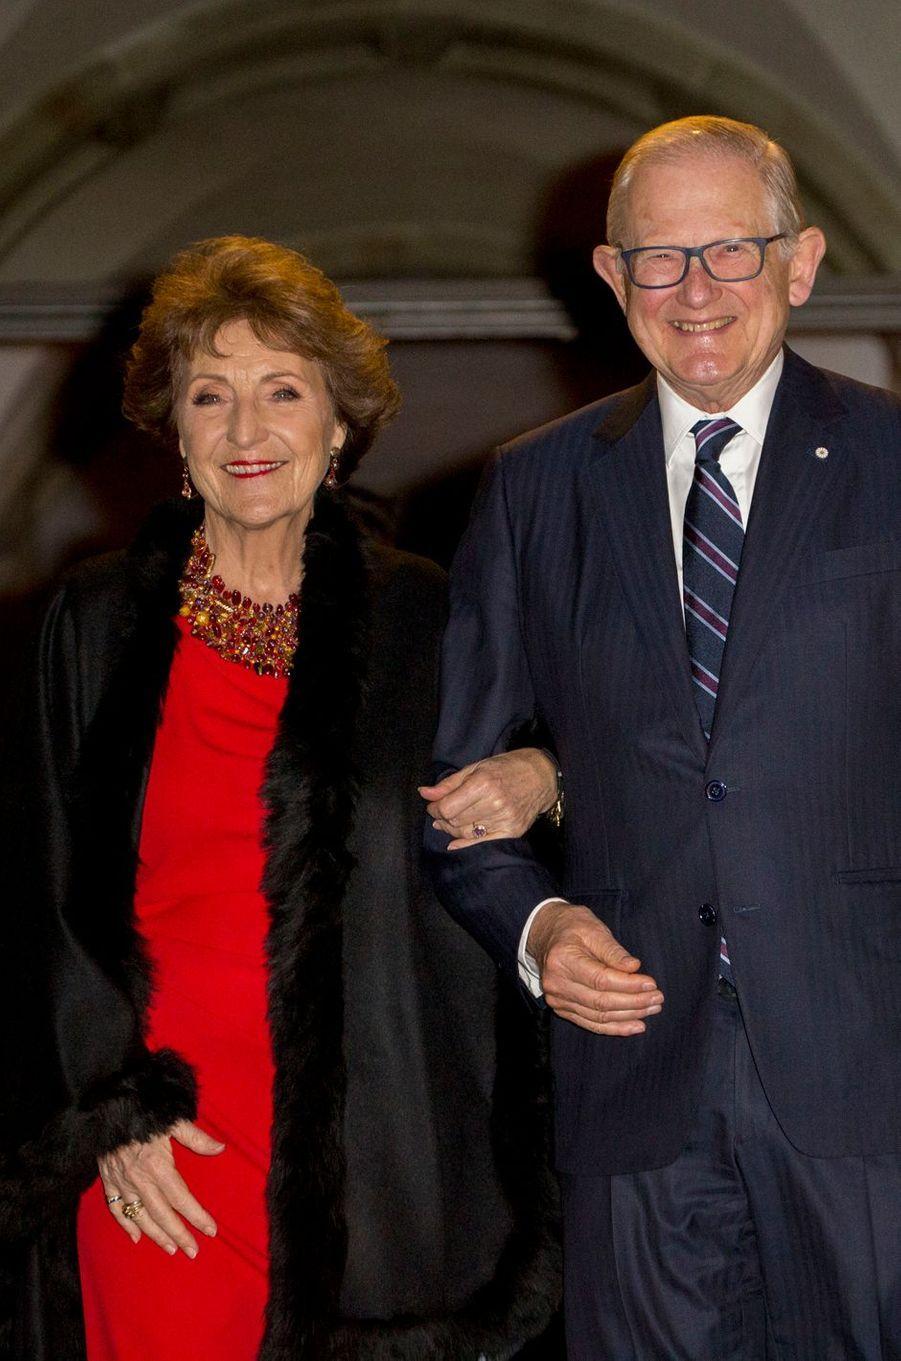 La princesse Margriet des Pays-Bas et son mari Pieter van Vollenhoven à Amsterdam, le 16 janvier 2018